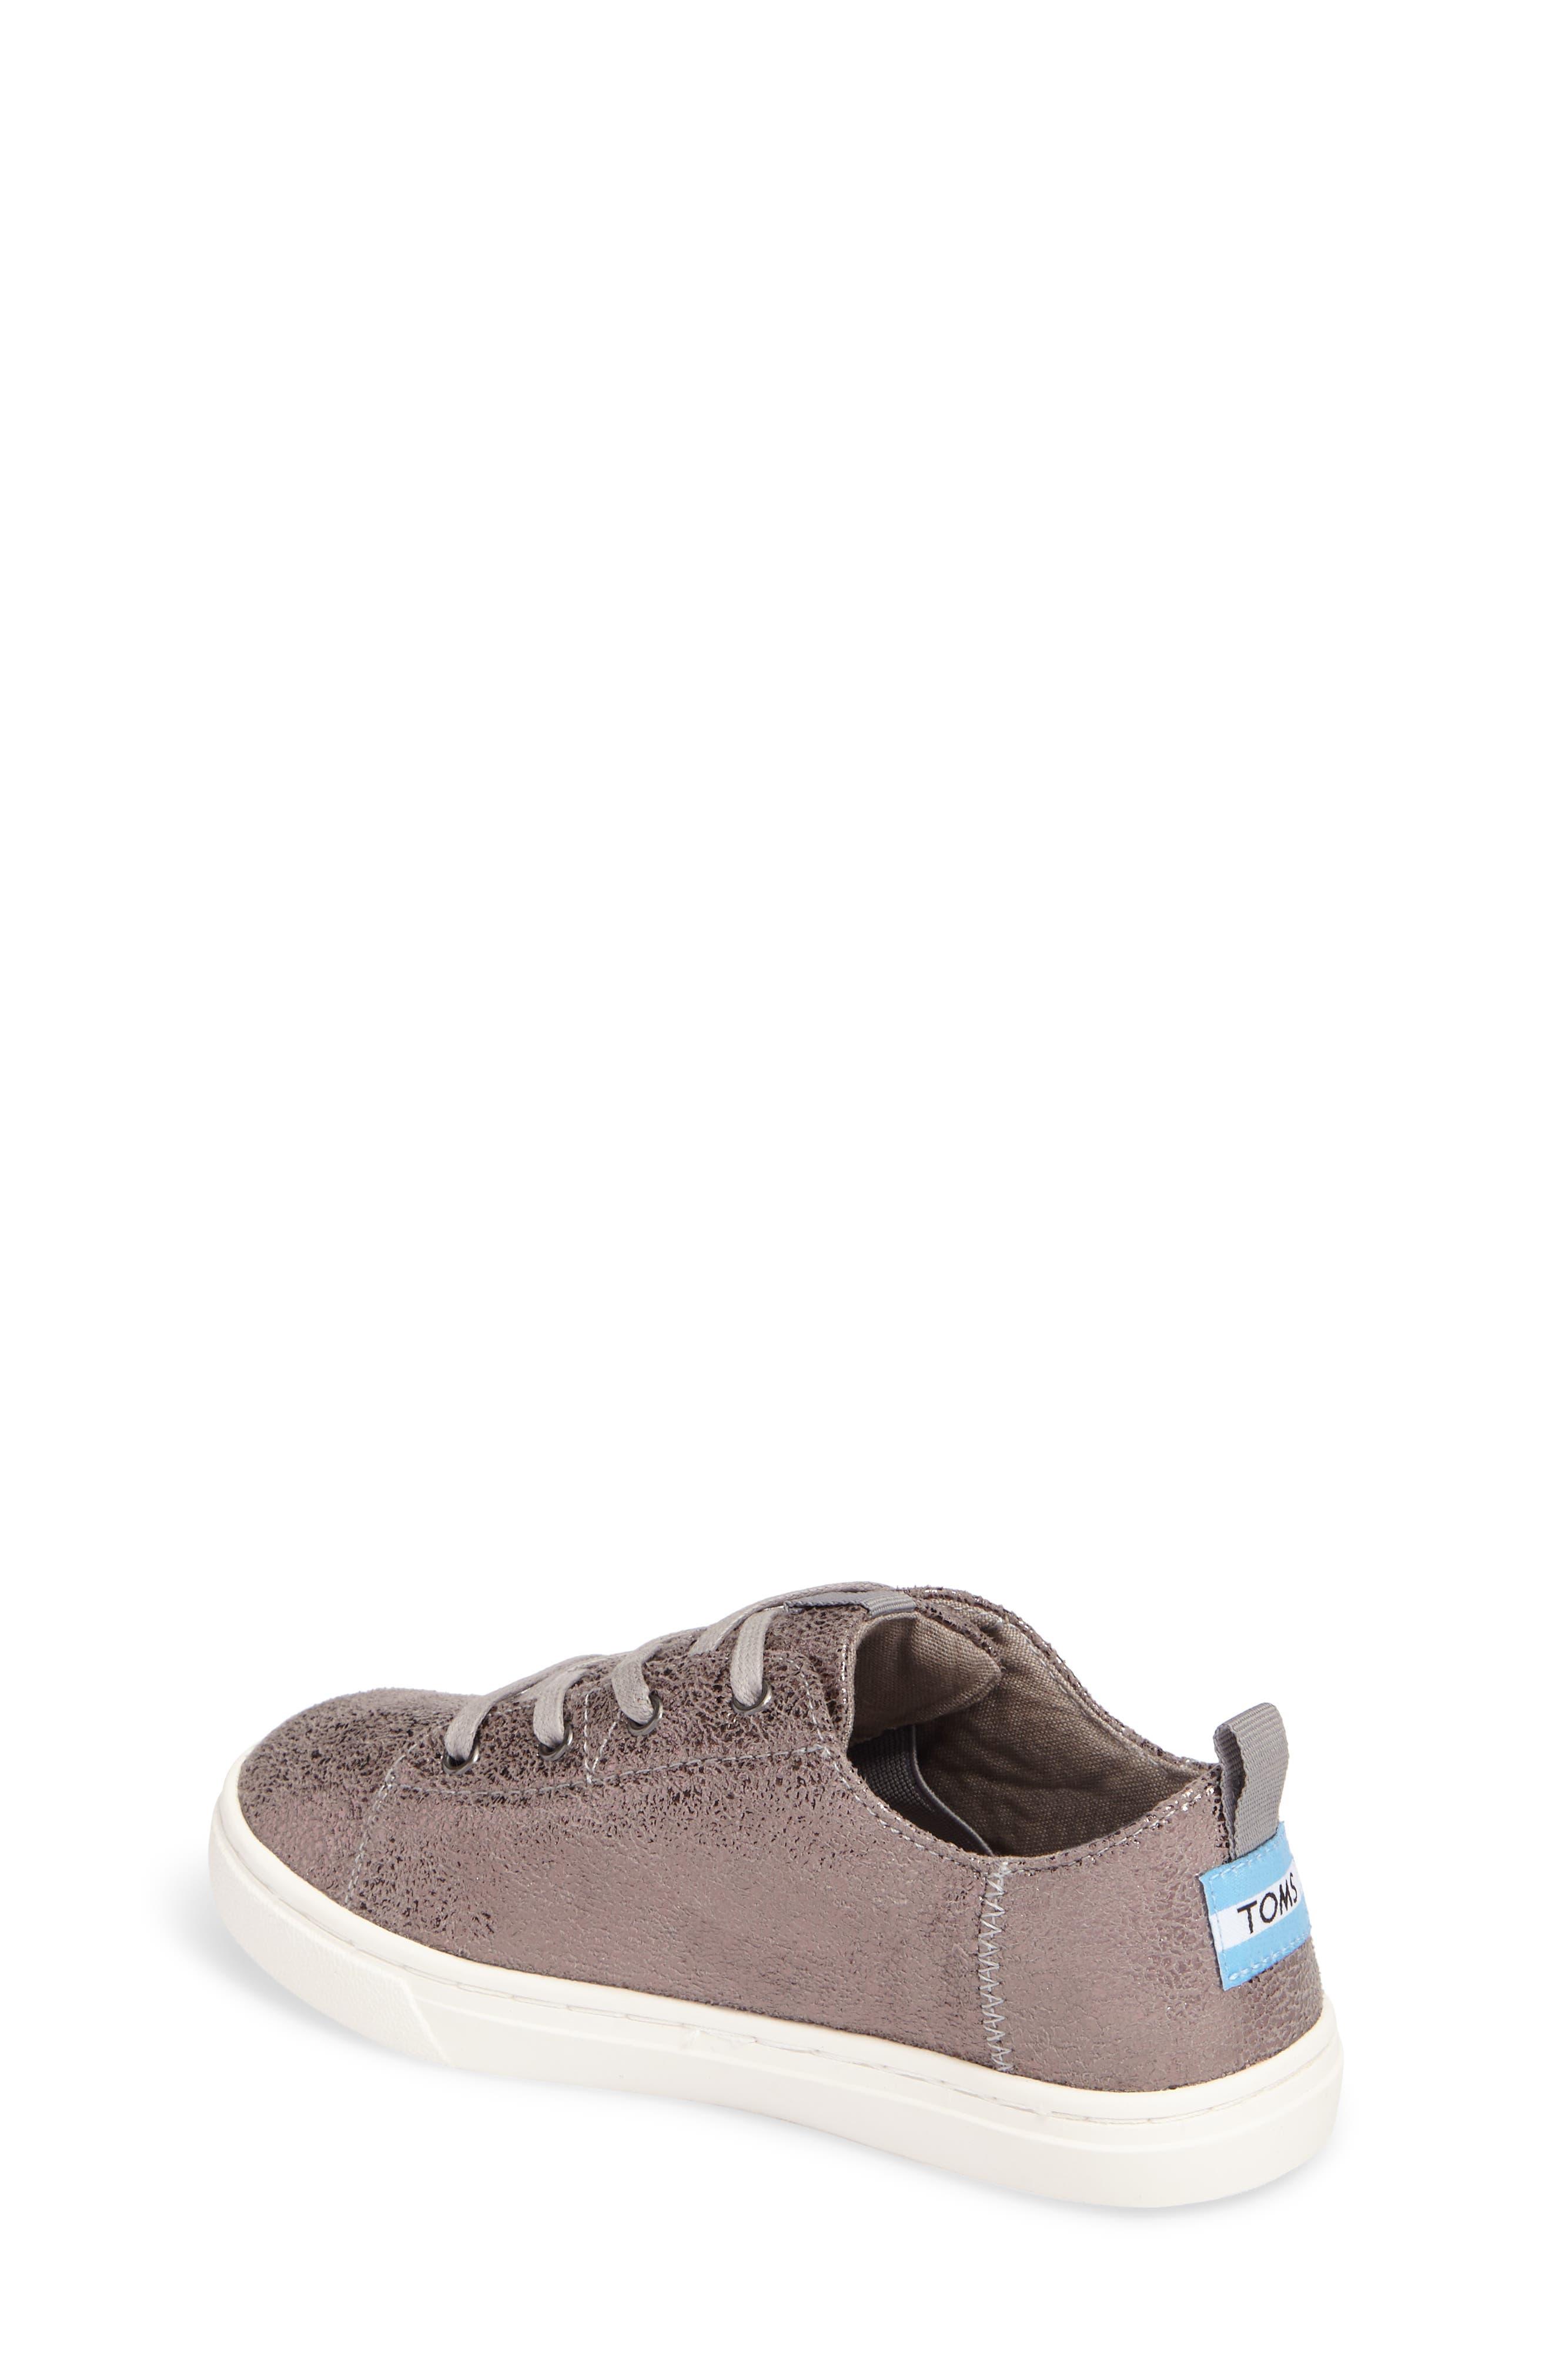 Lenny Sneaker,                             Alternate thumbnail 2, color,                             040